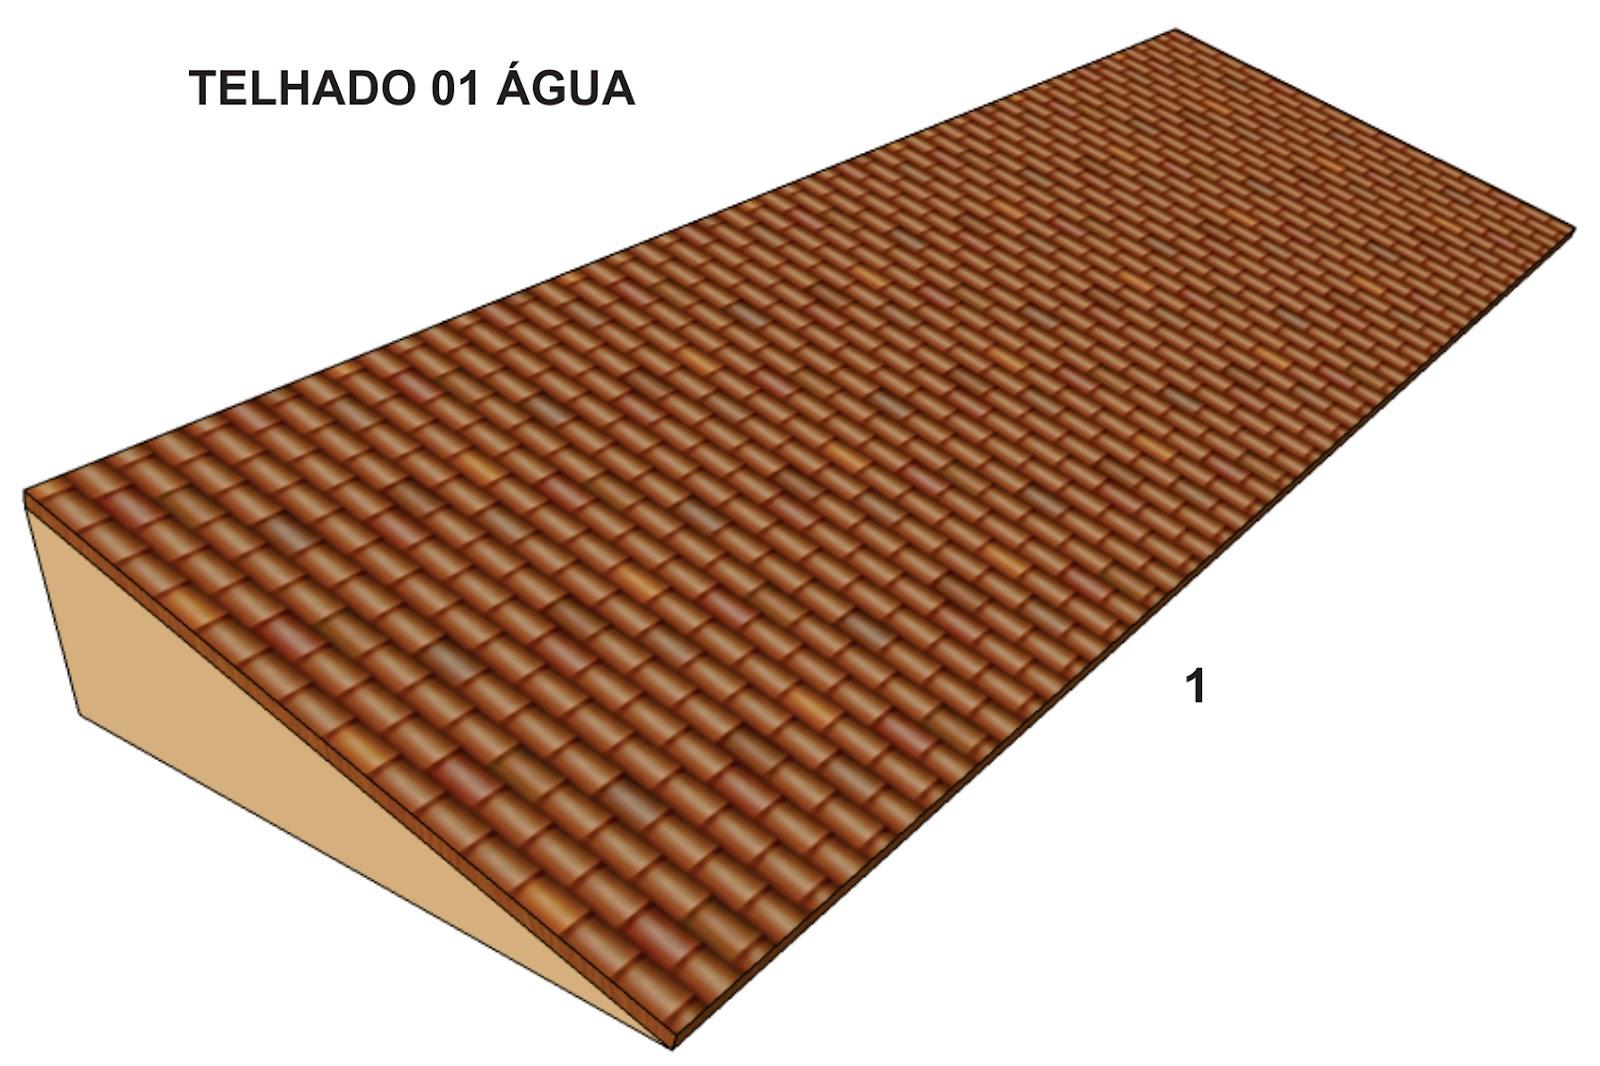 Amado PEDREIRÃO - Macetes de construção: O que são Águas do Telhado  OI51